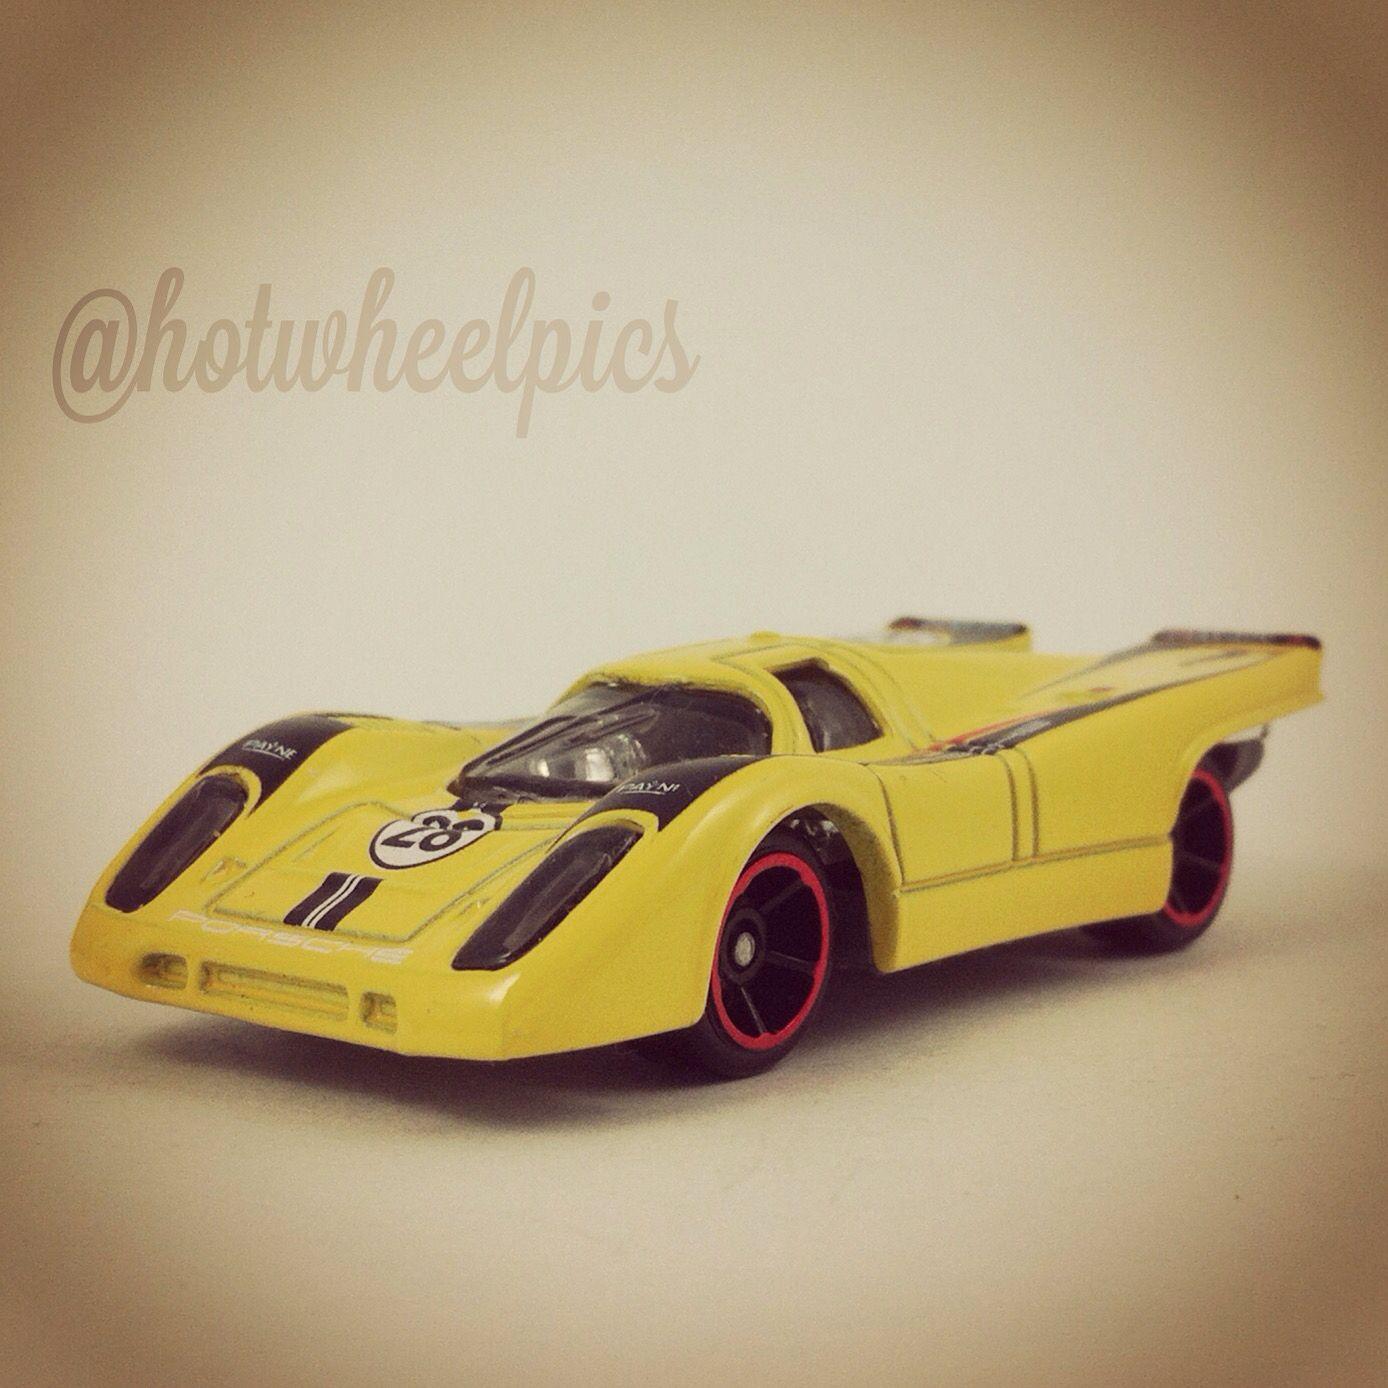 544a1e1e21d11426f66b6861be89138b Outstanding Porsche 911 Gt2 Hot Wheels Cars Trend